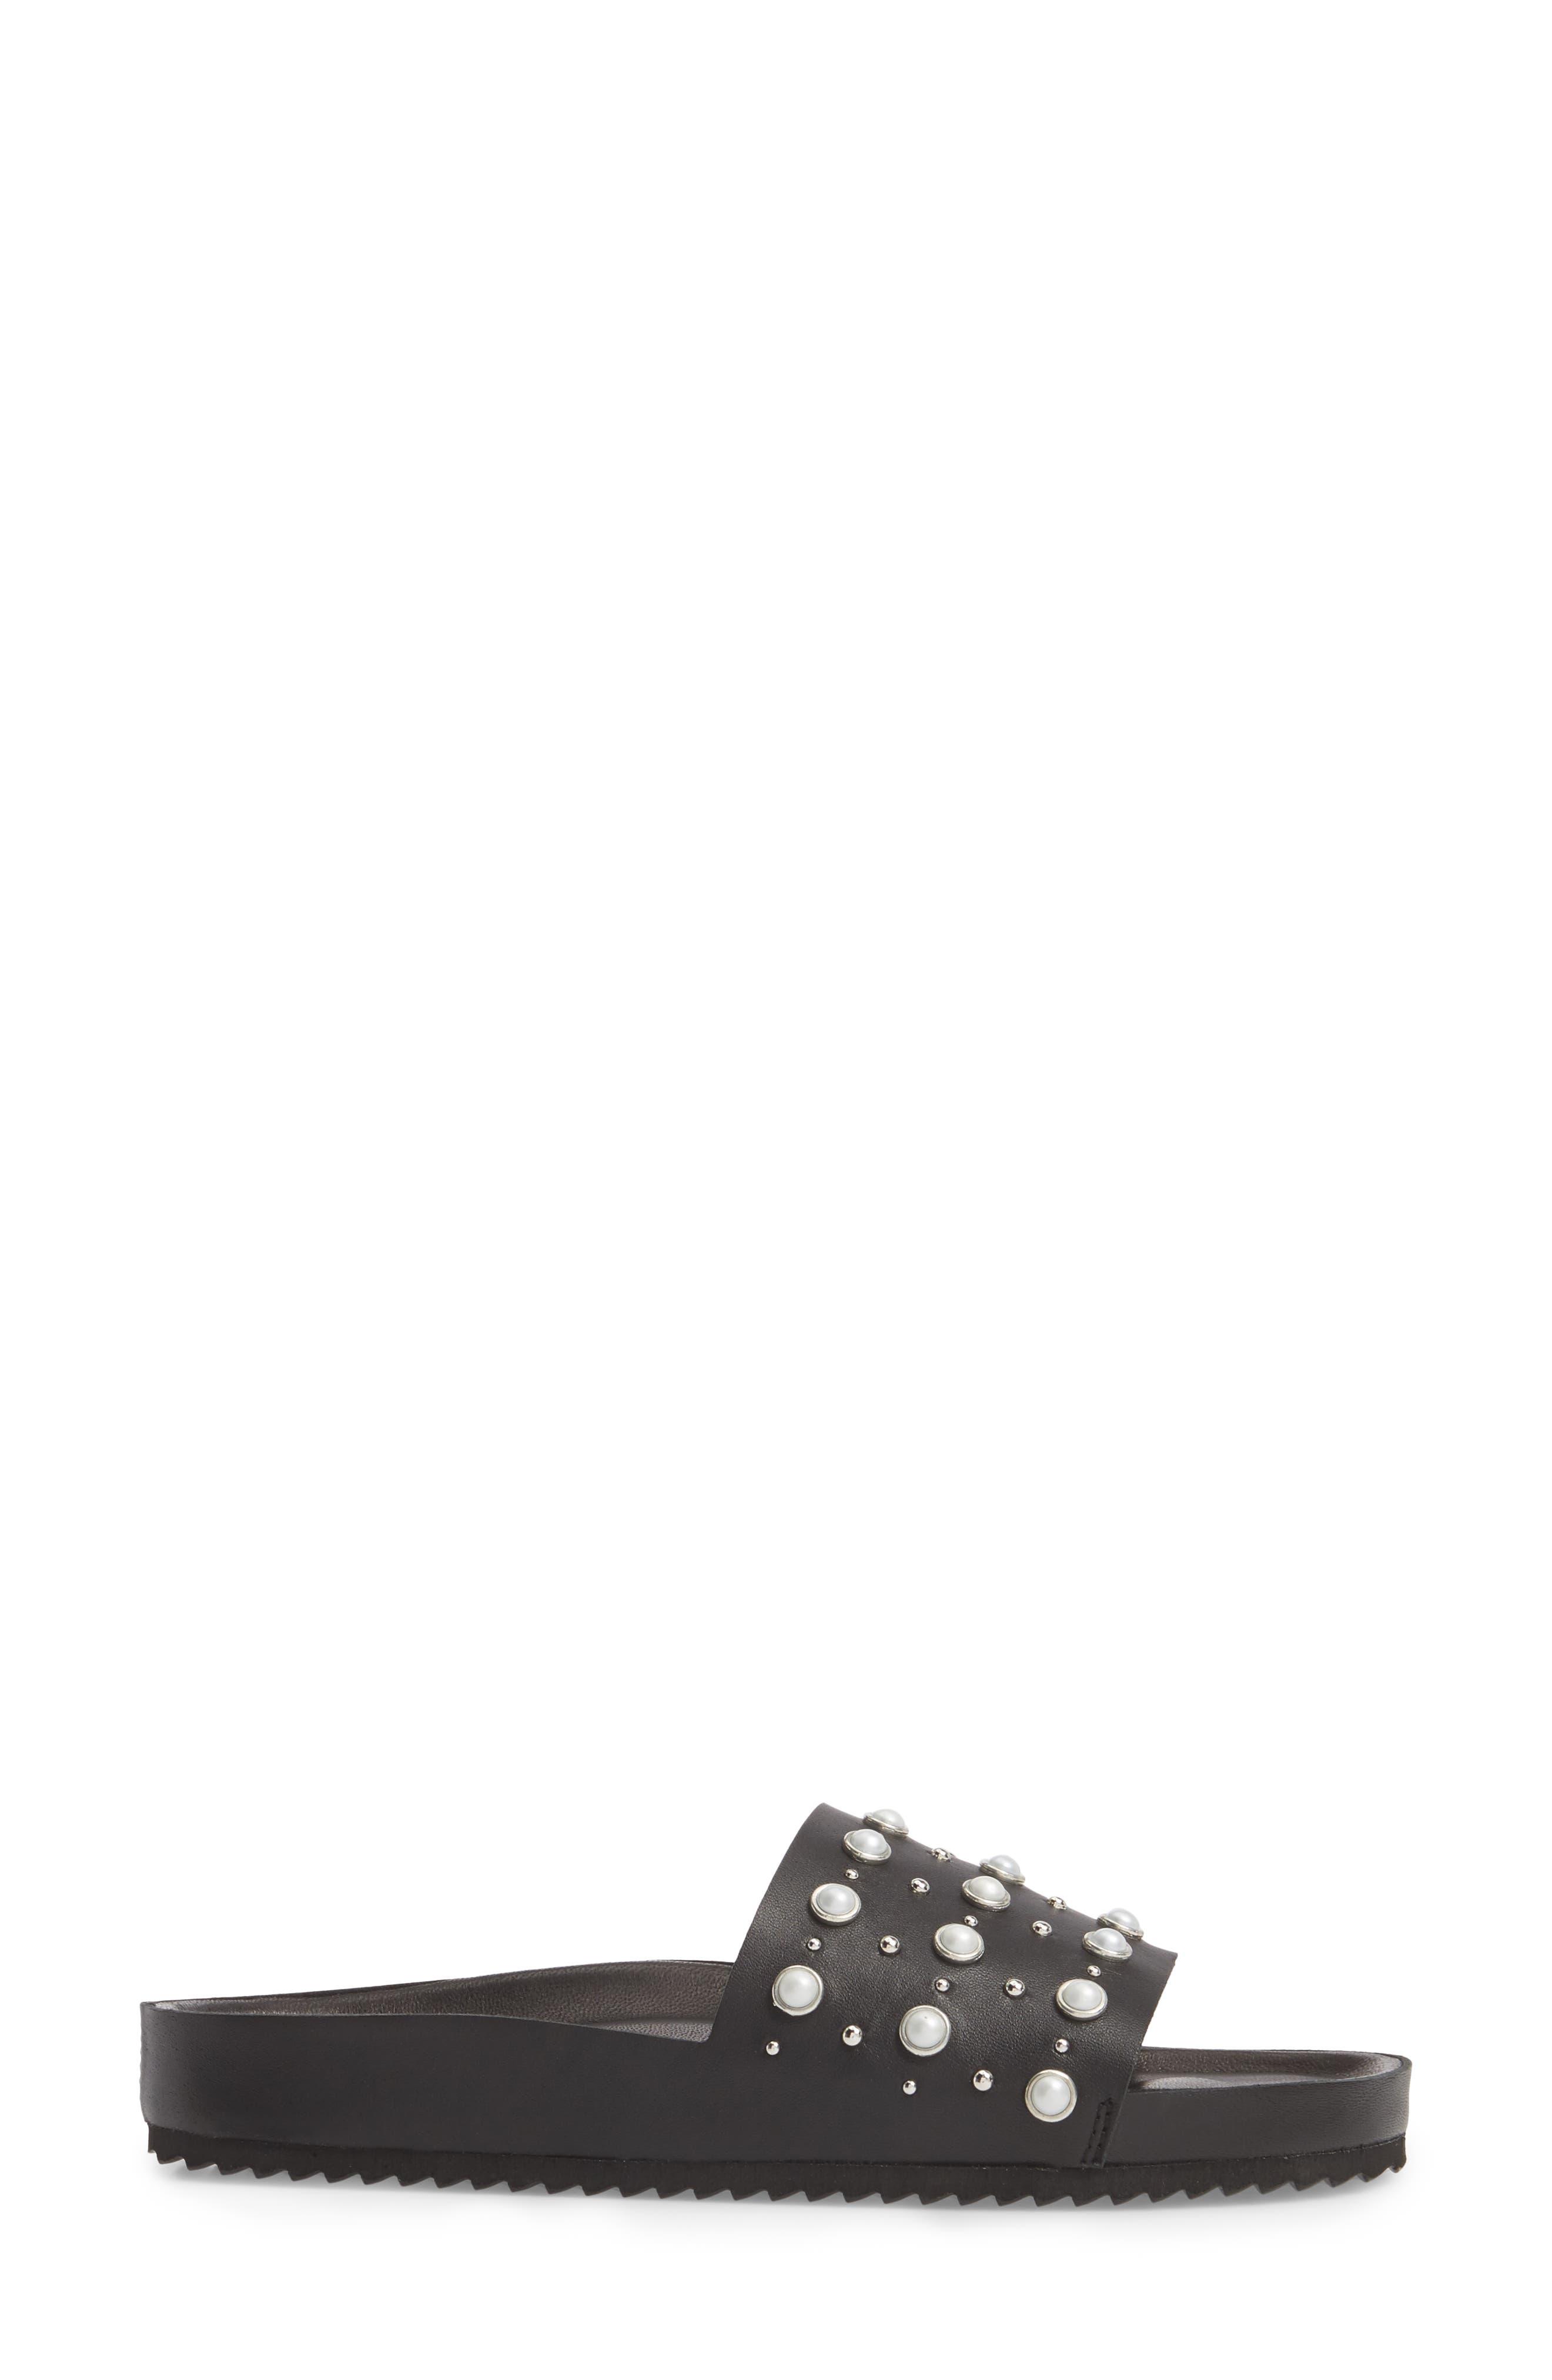 Santori Slide Sandal,                             Alternate thumbnail 3, color,                             Napa Black Leather